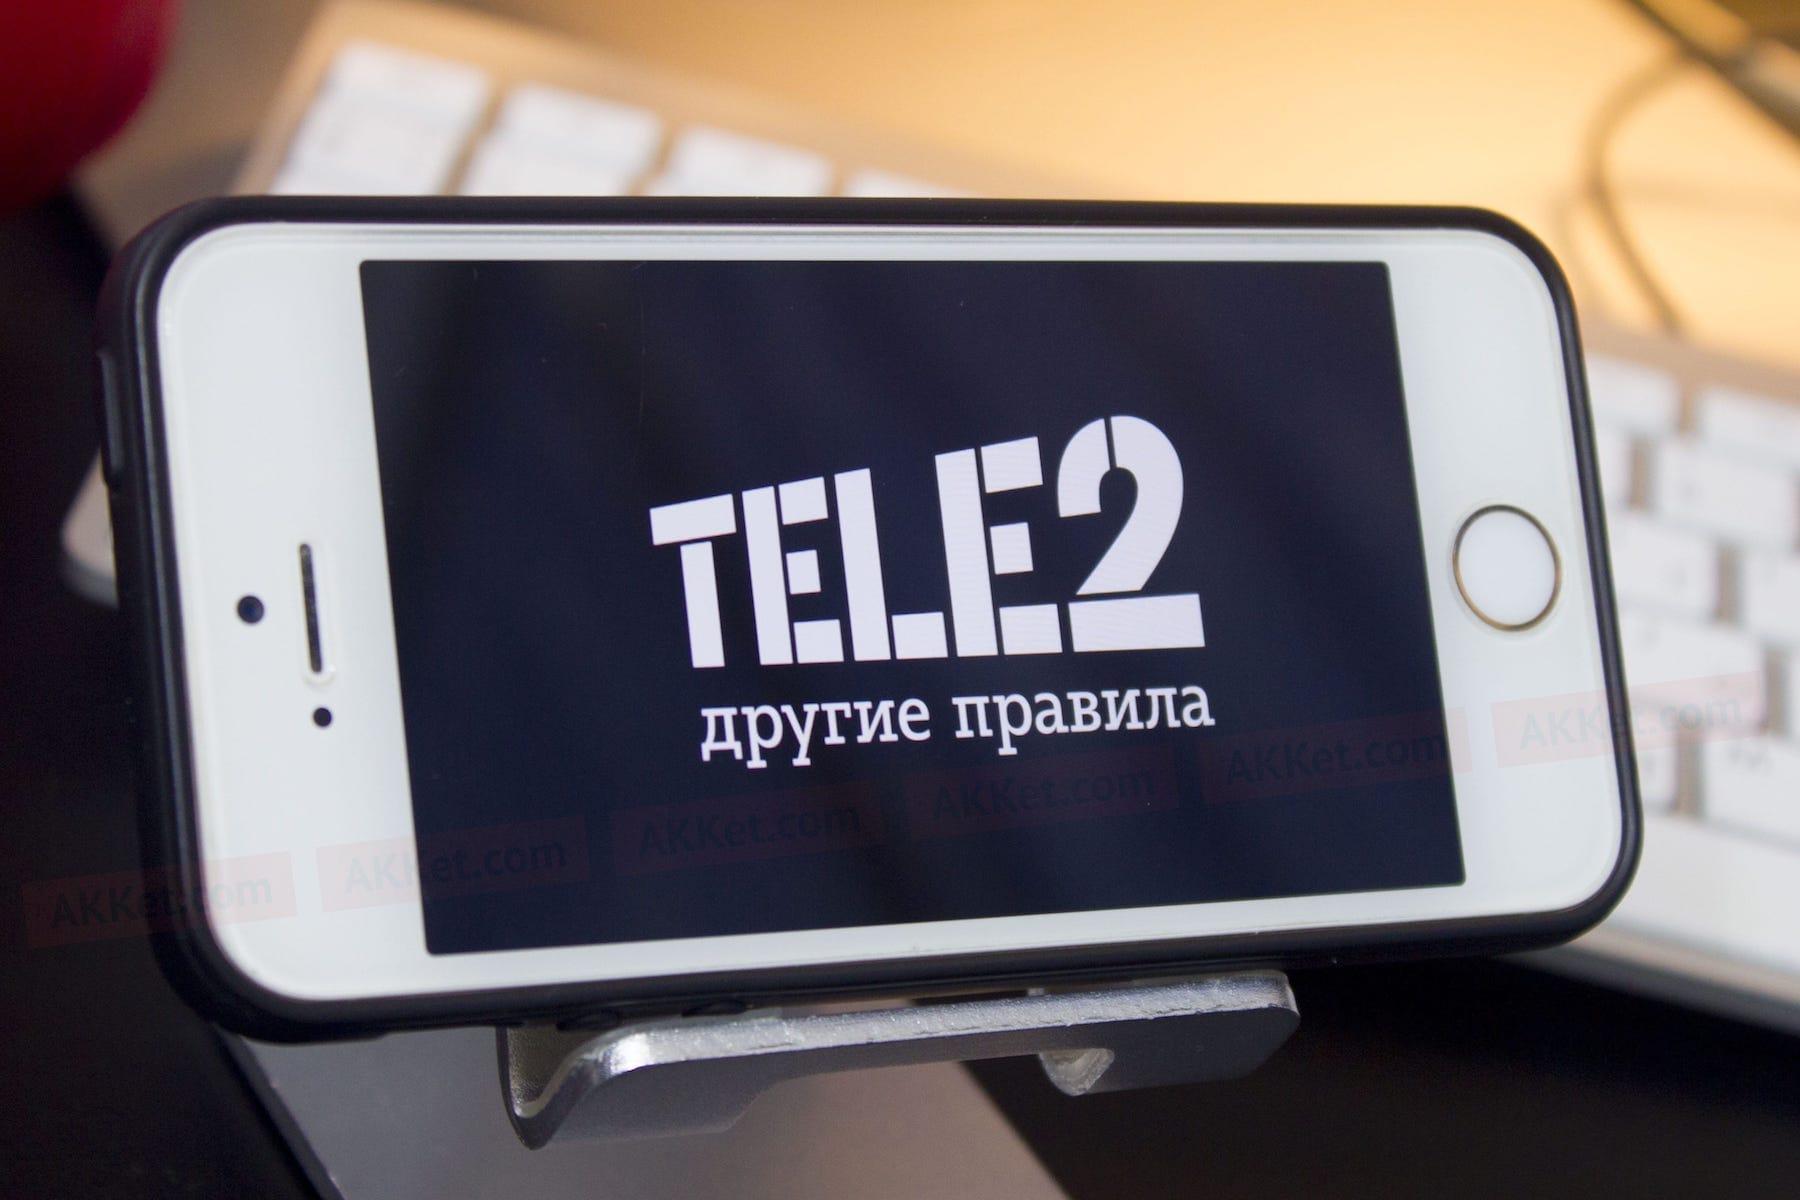 теле2 тарифы